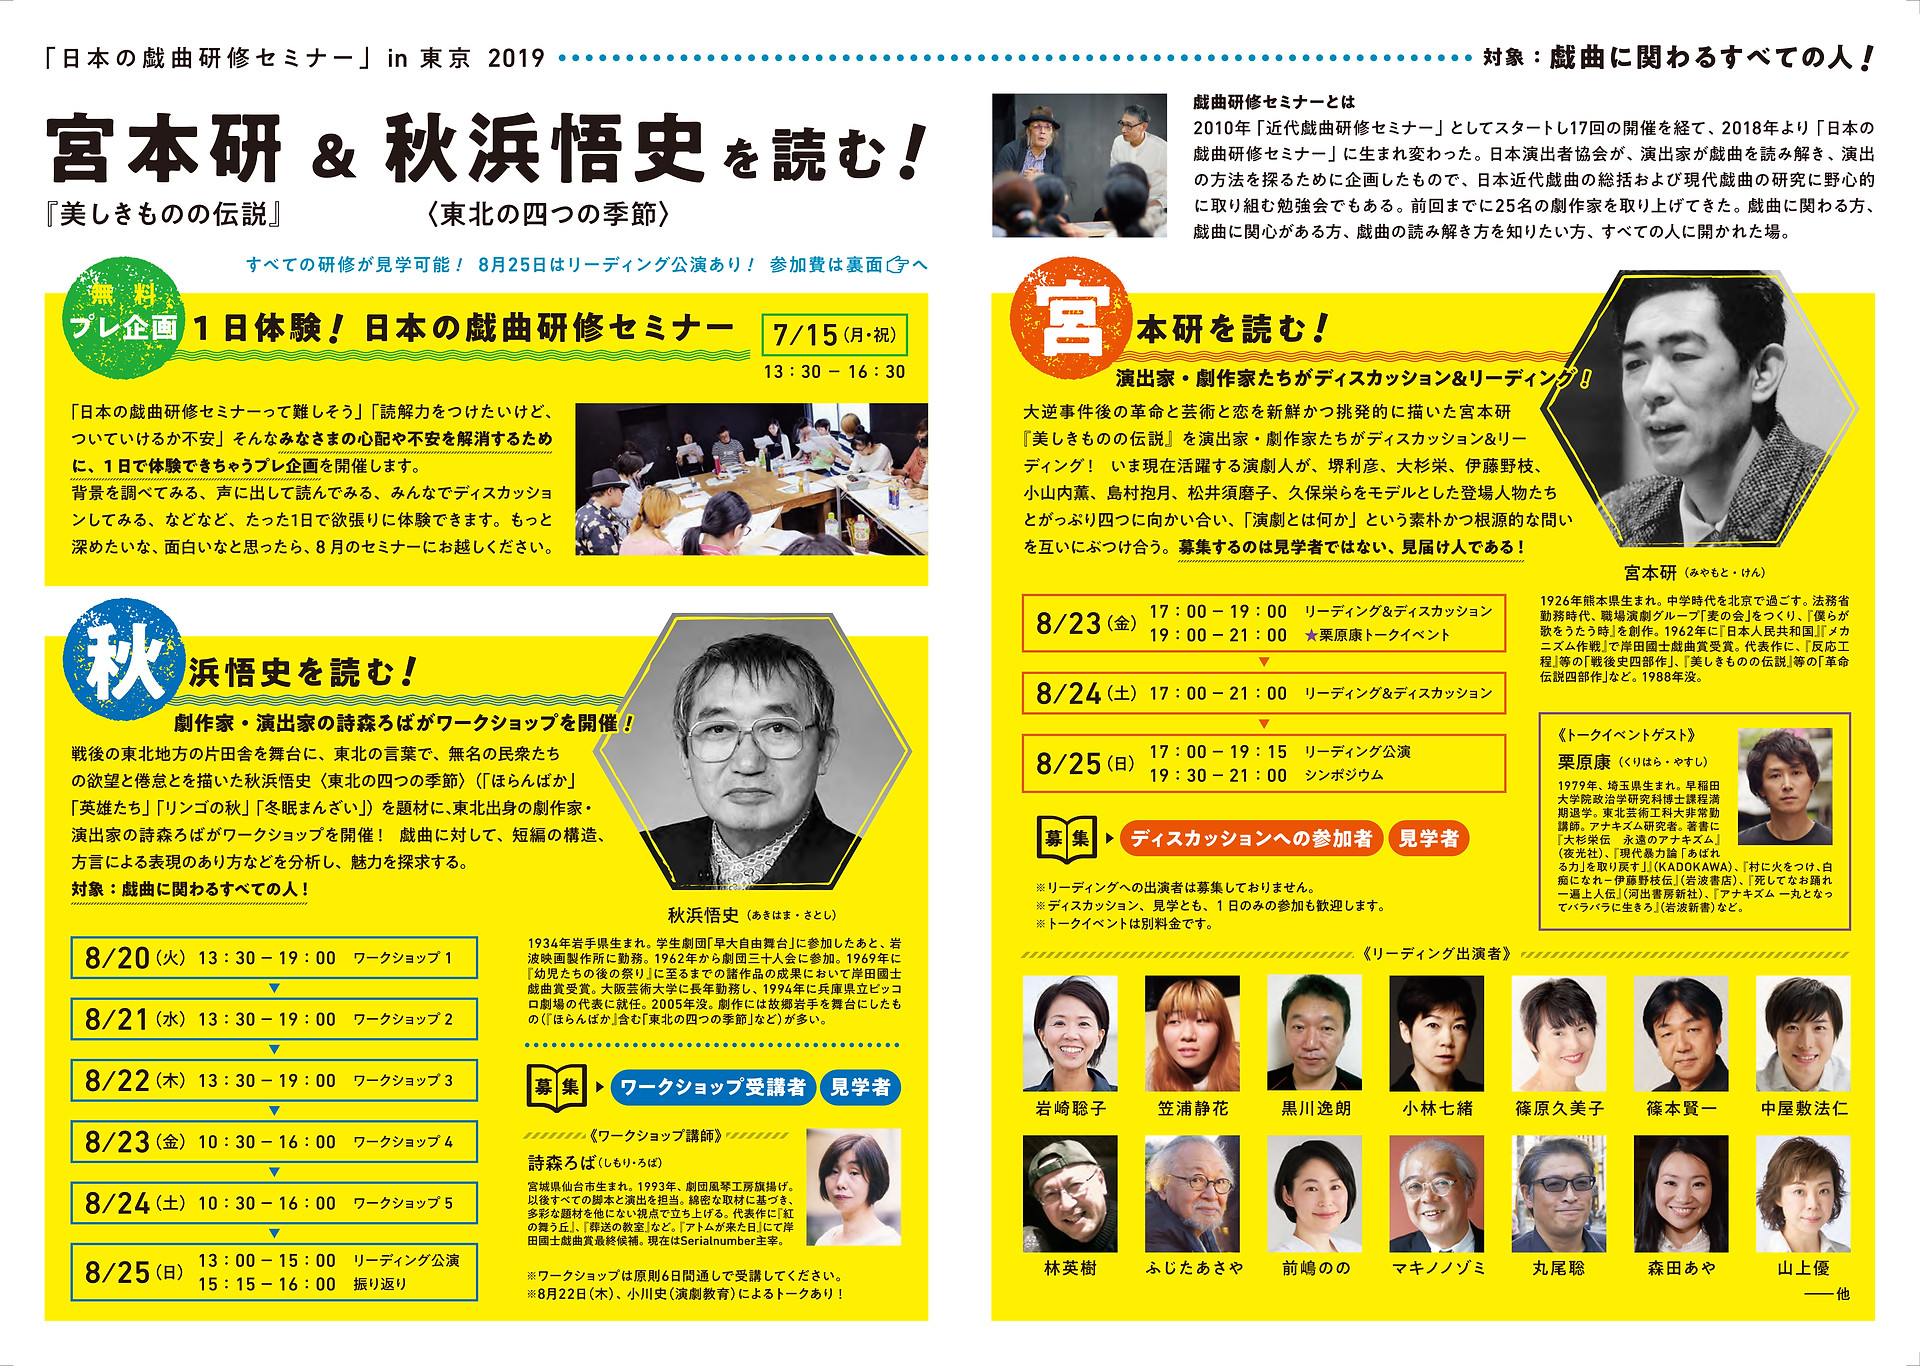 「日本の戯曲研修セミナー/宮本研を読む!」日本演出者協会制作